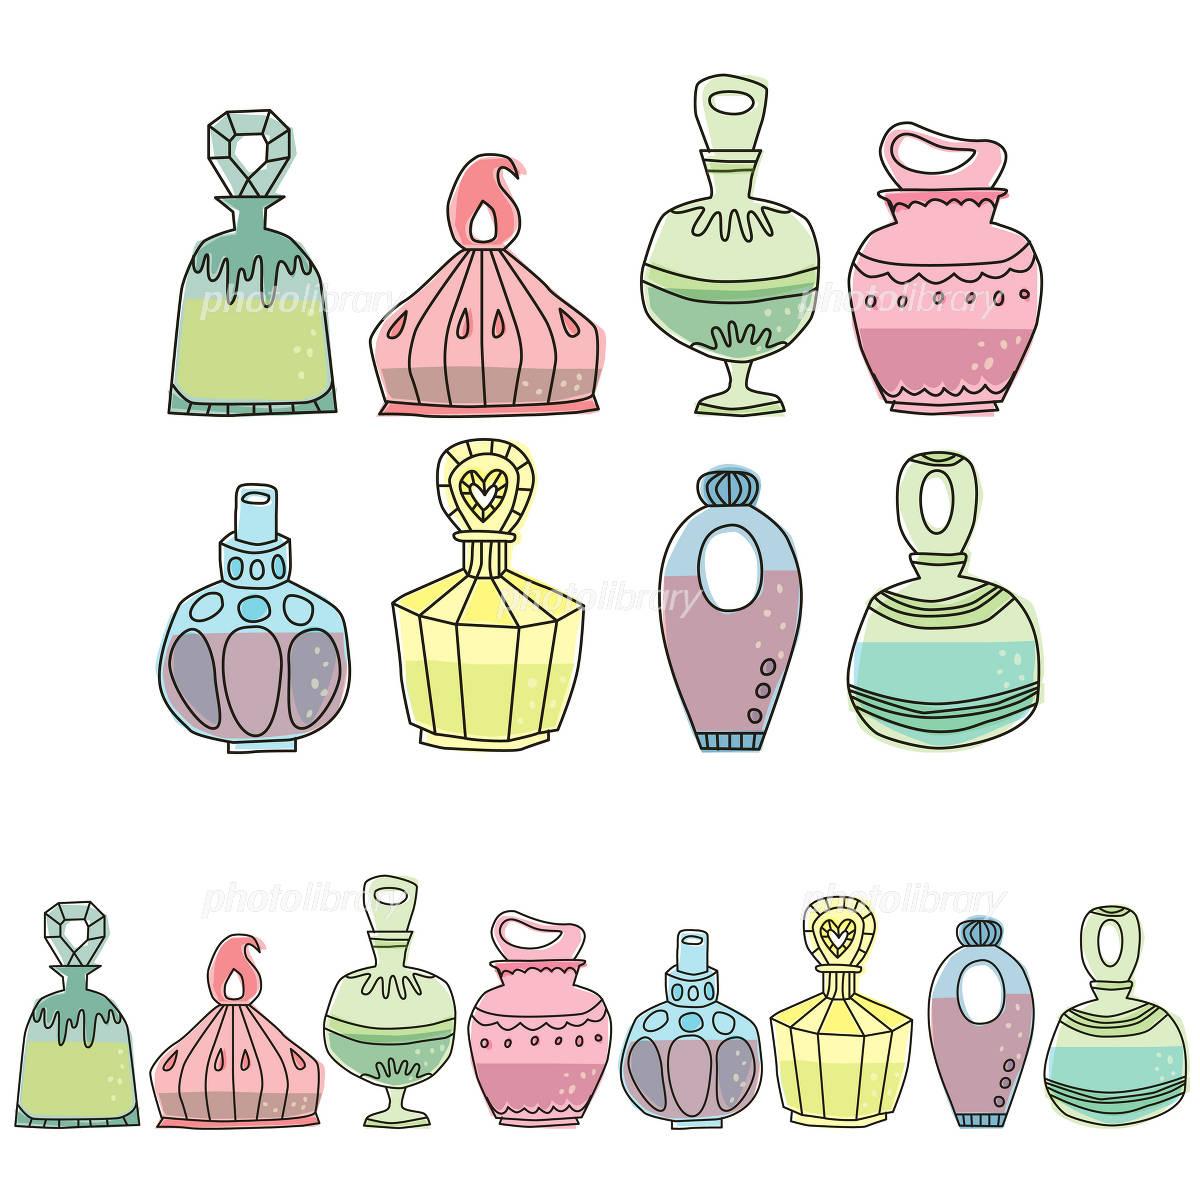 香水瓶飾り罫 イラスト素材 1251857 フォトライブラリー